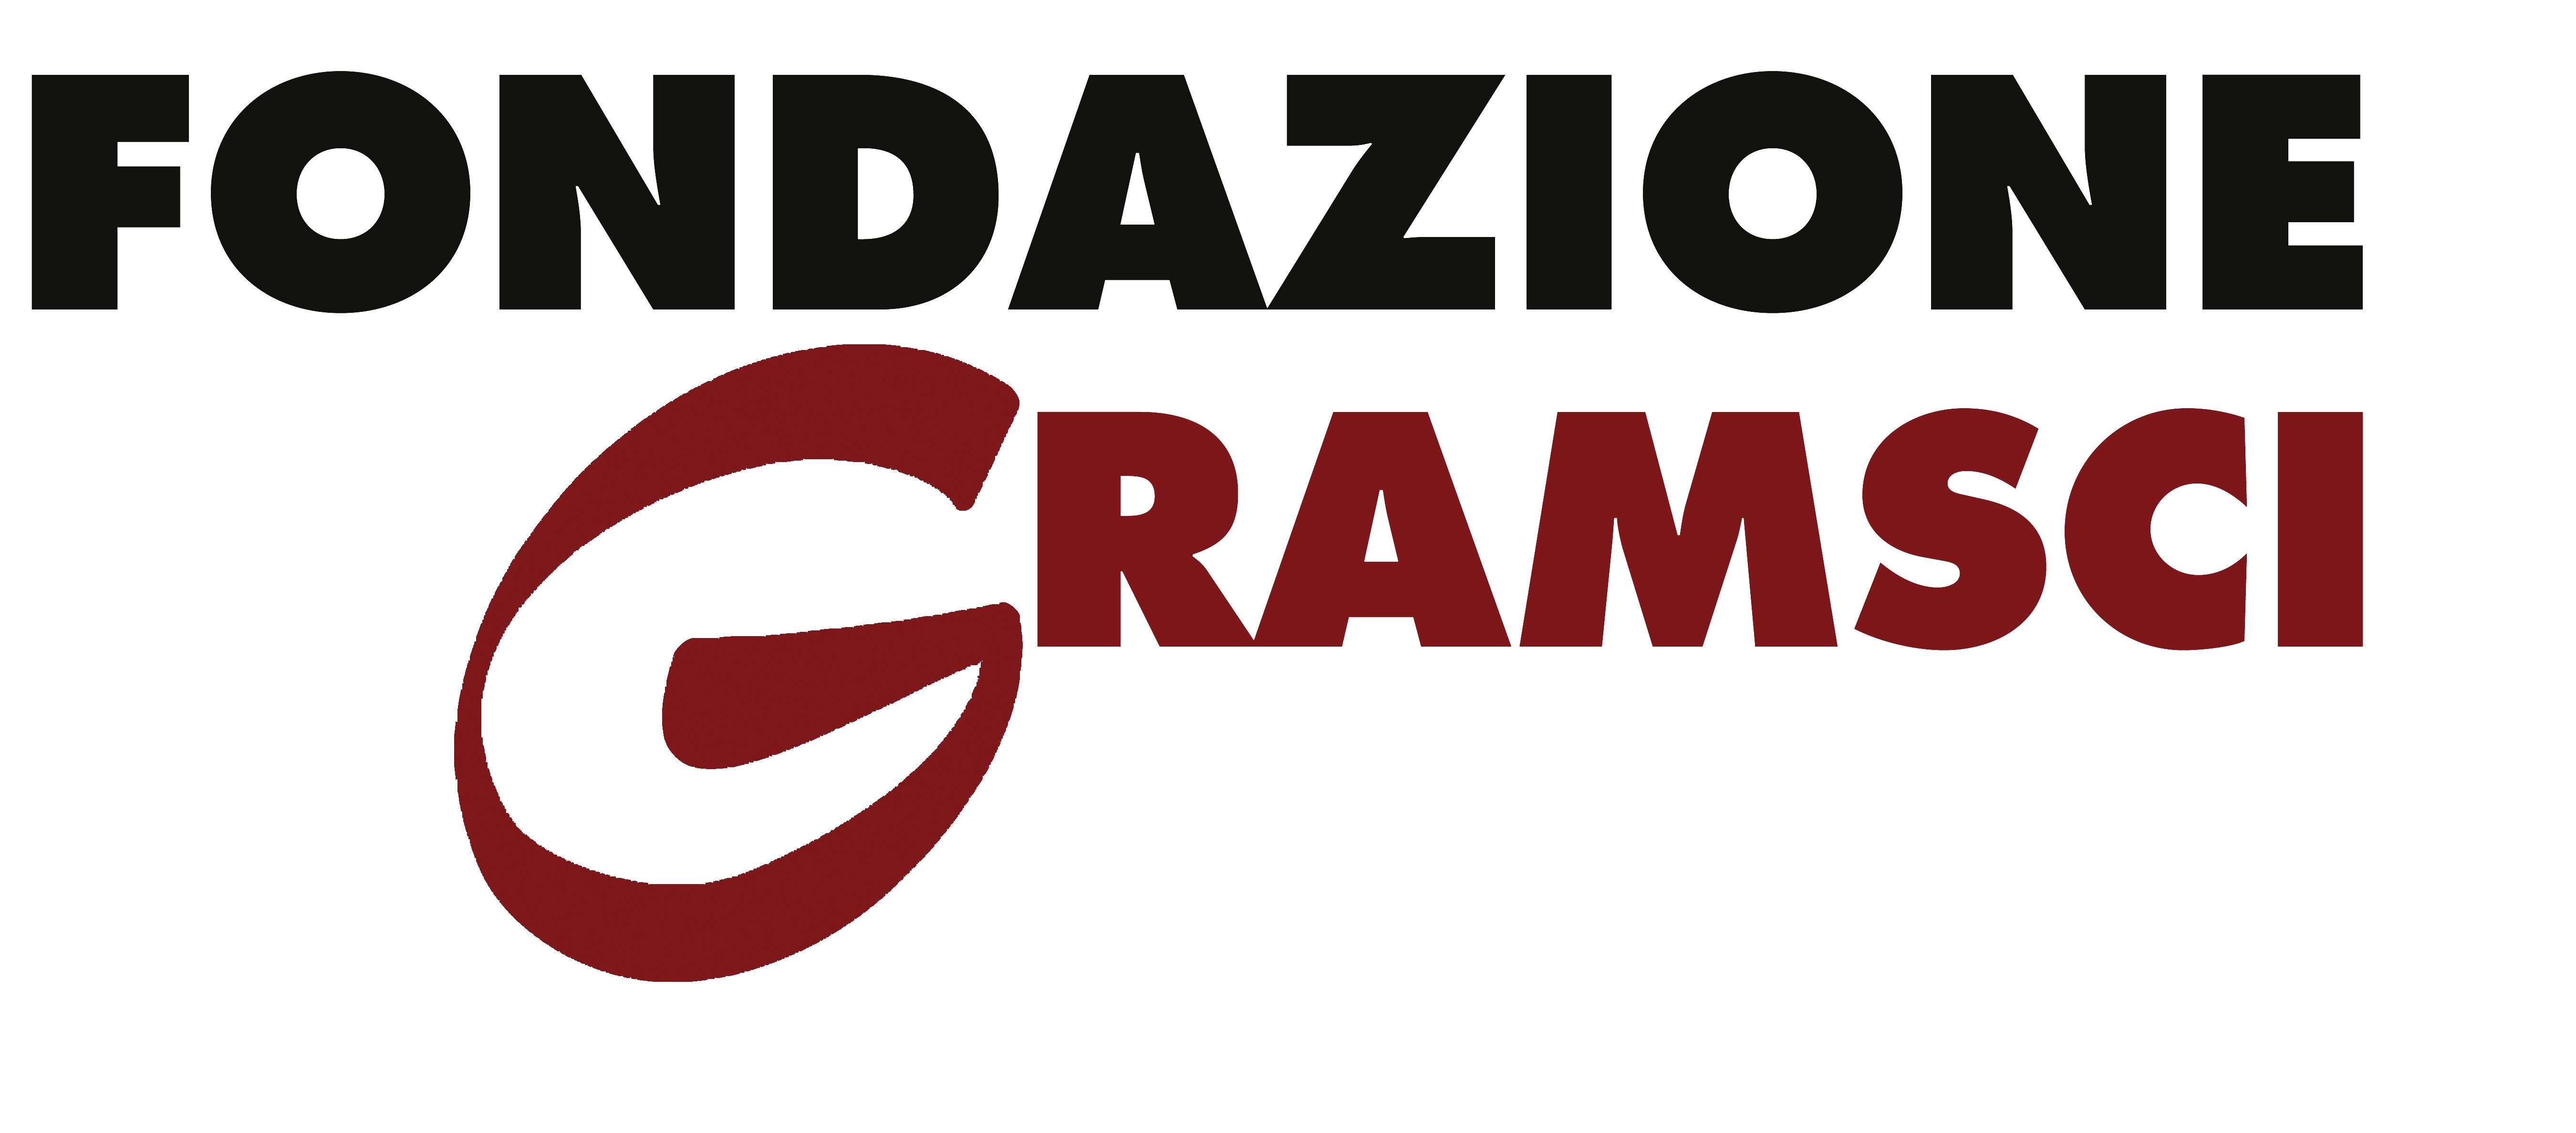 Fondazione Gramsci